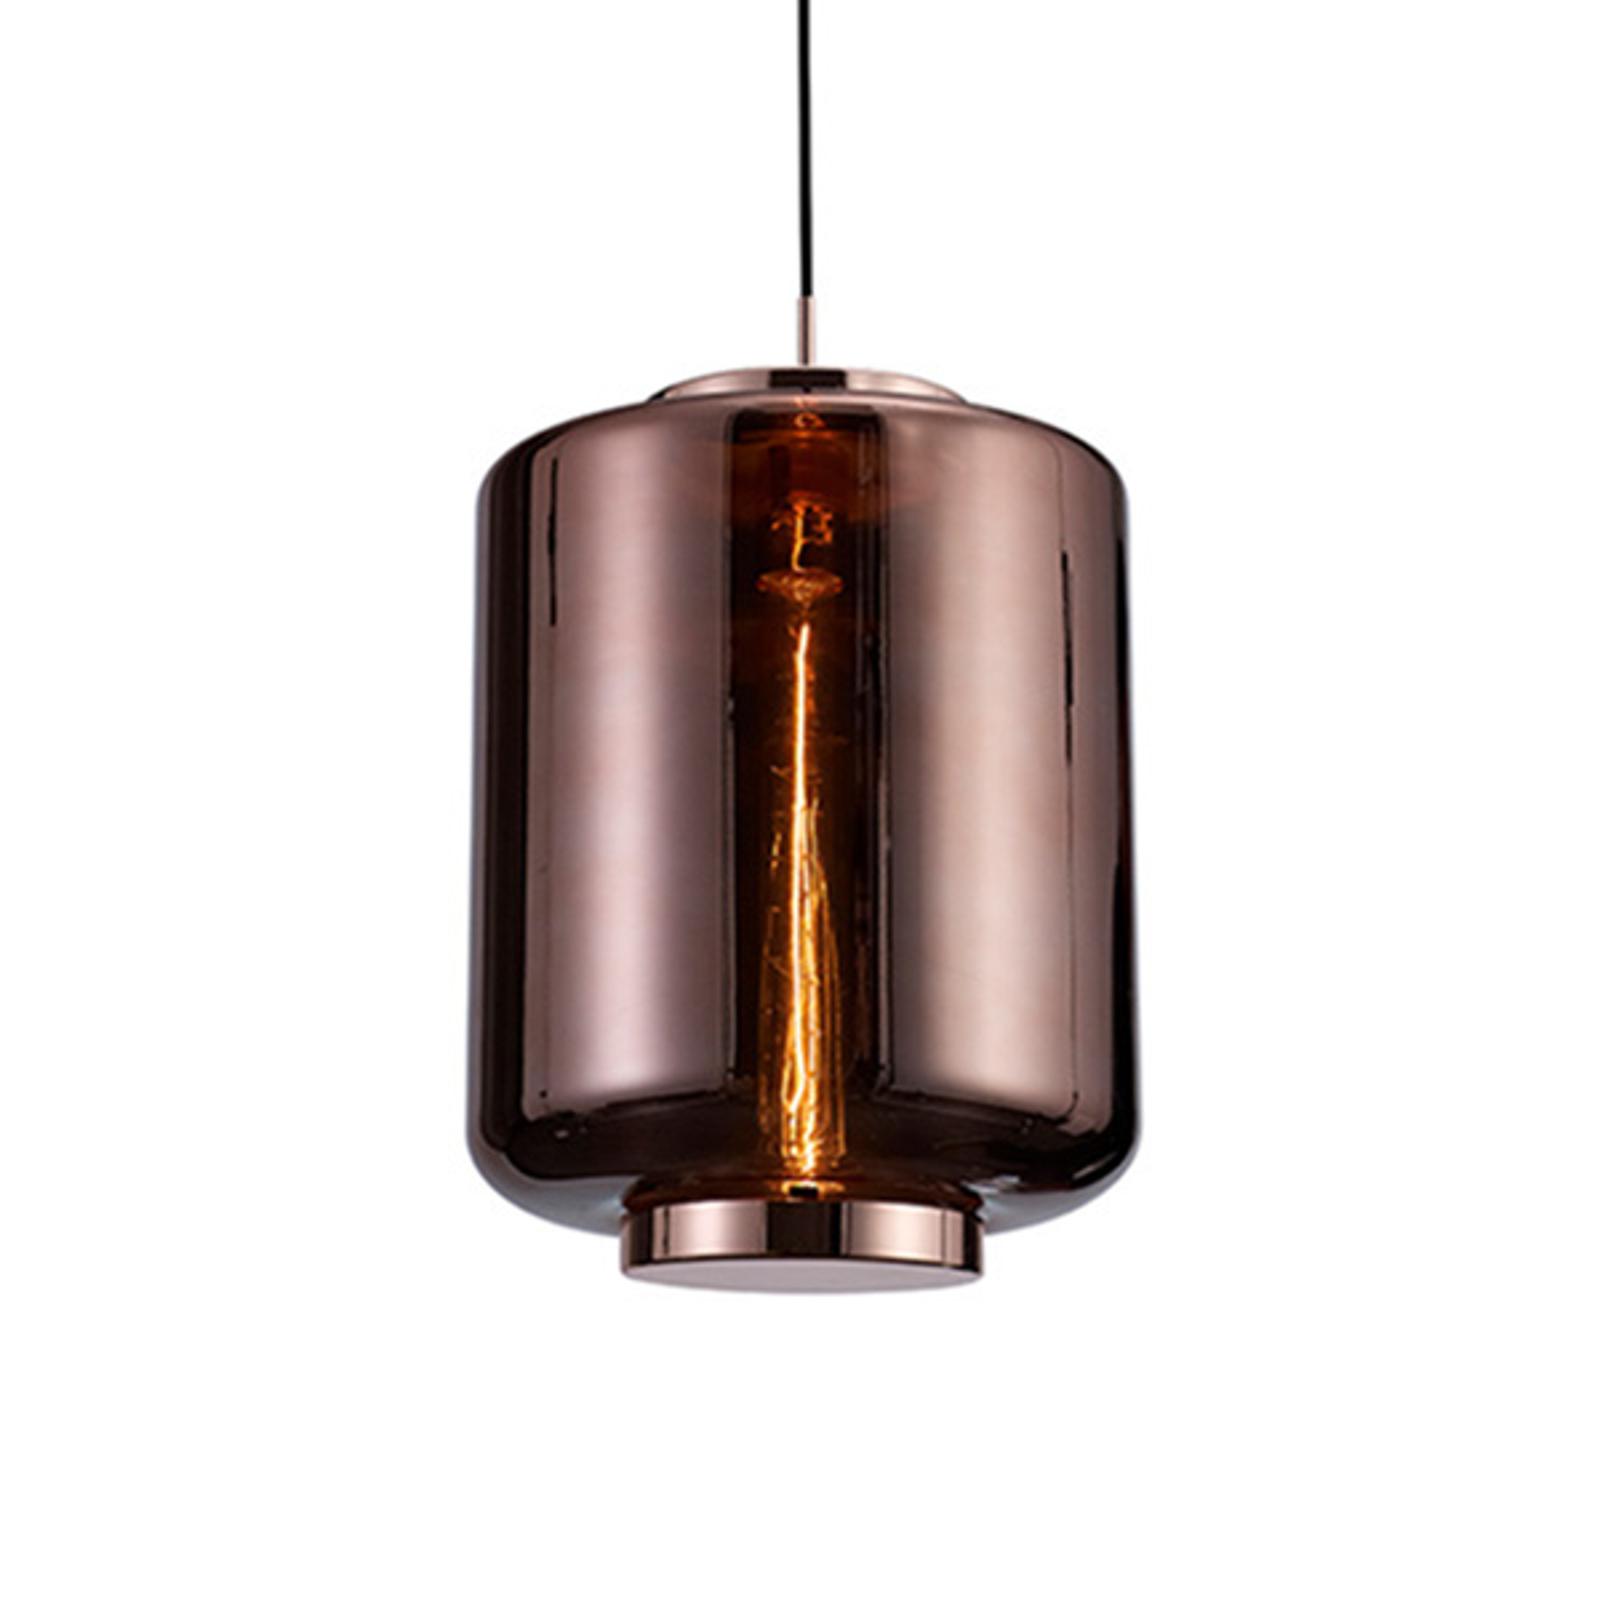 Hanglamp Jarras van glas Ø 30 cm, koper